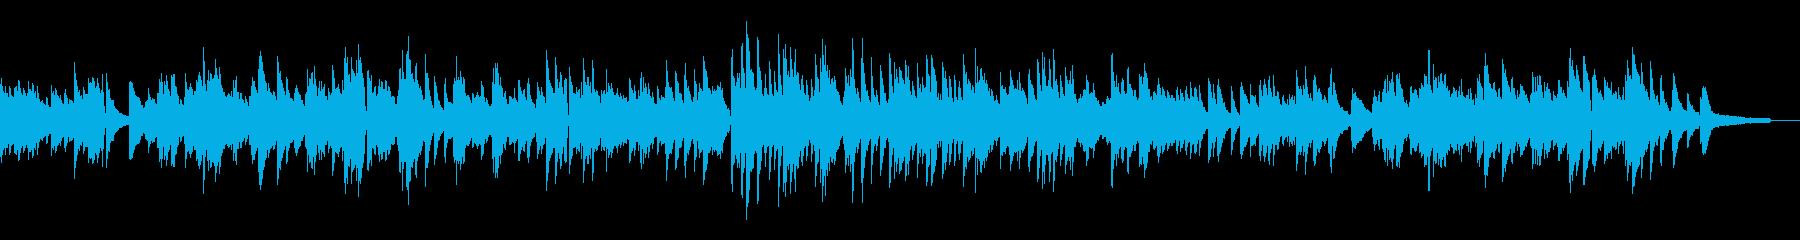 優しく温かいピアノのバラードの再生済みの波形